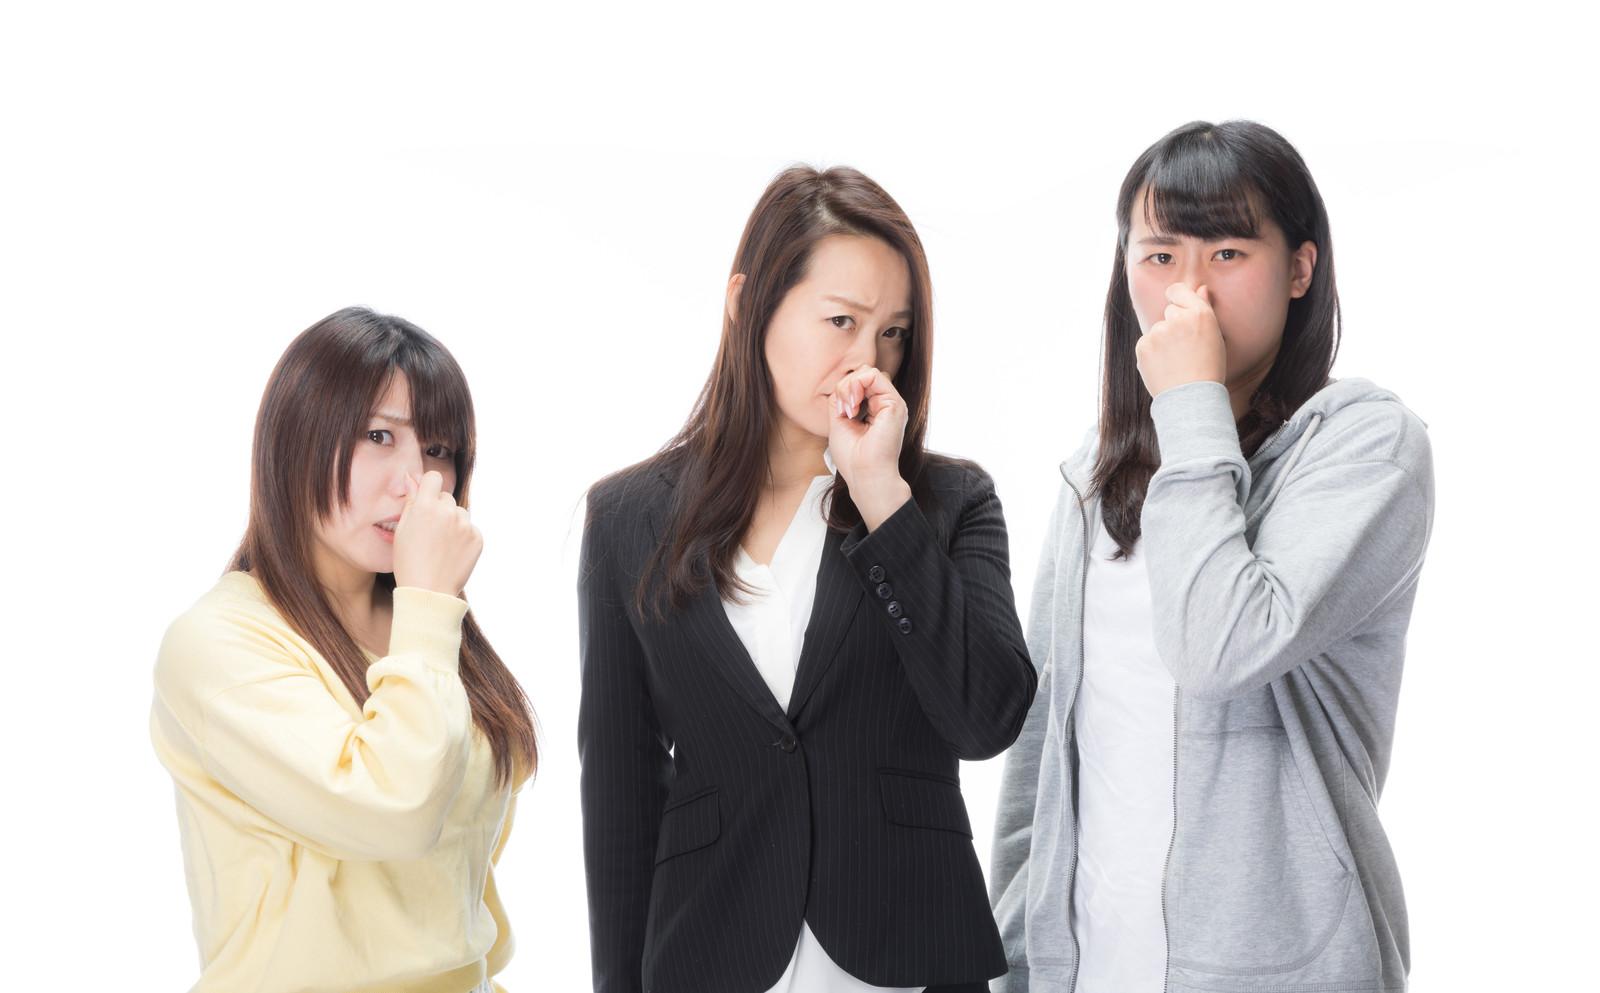 耐えられない。生臭い息の原因について調べてみた!